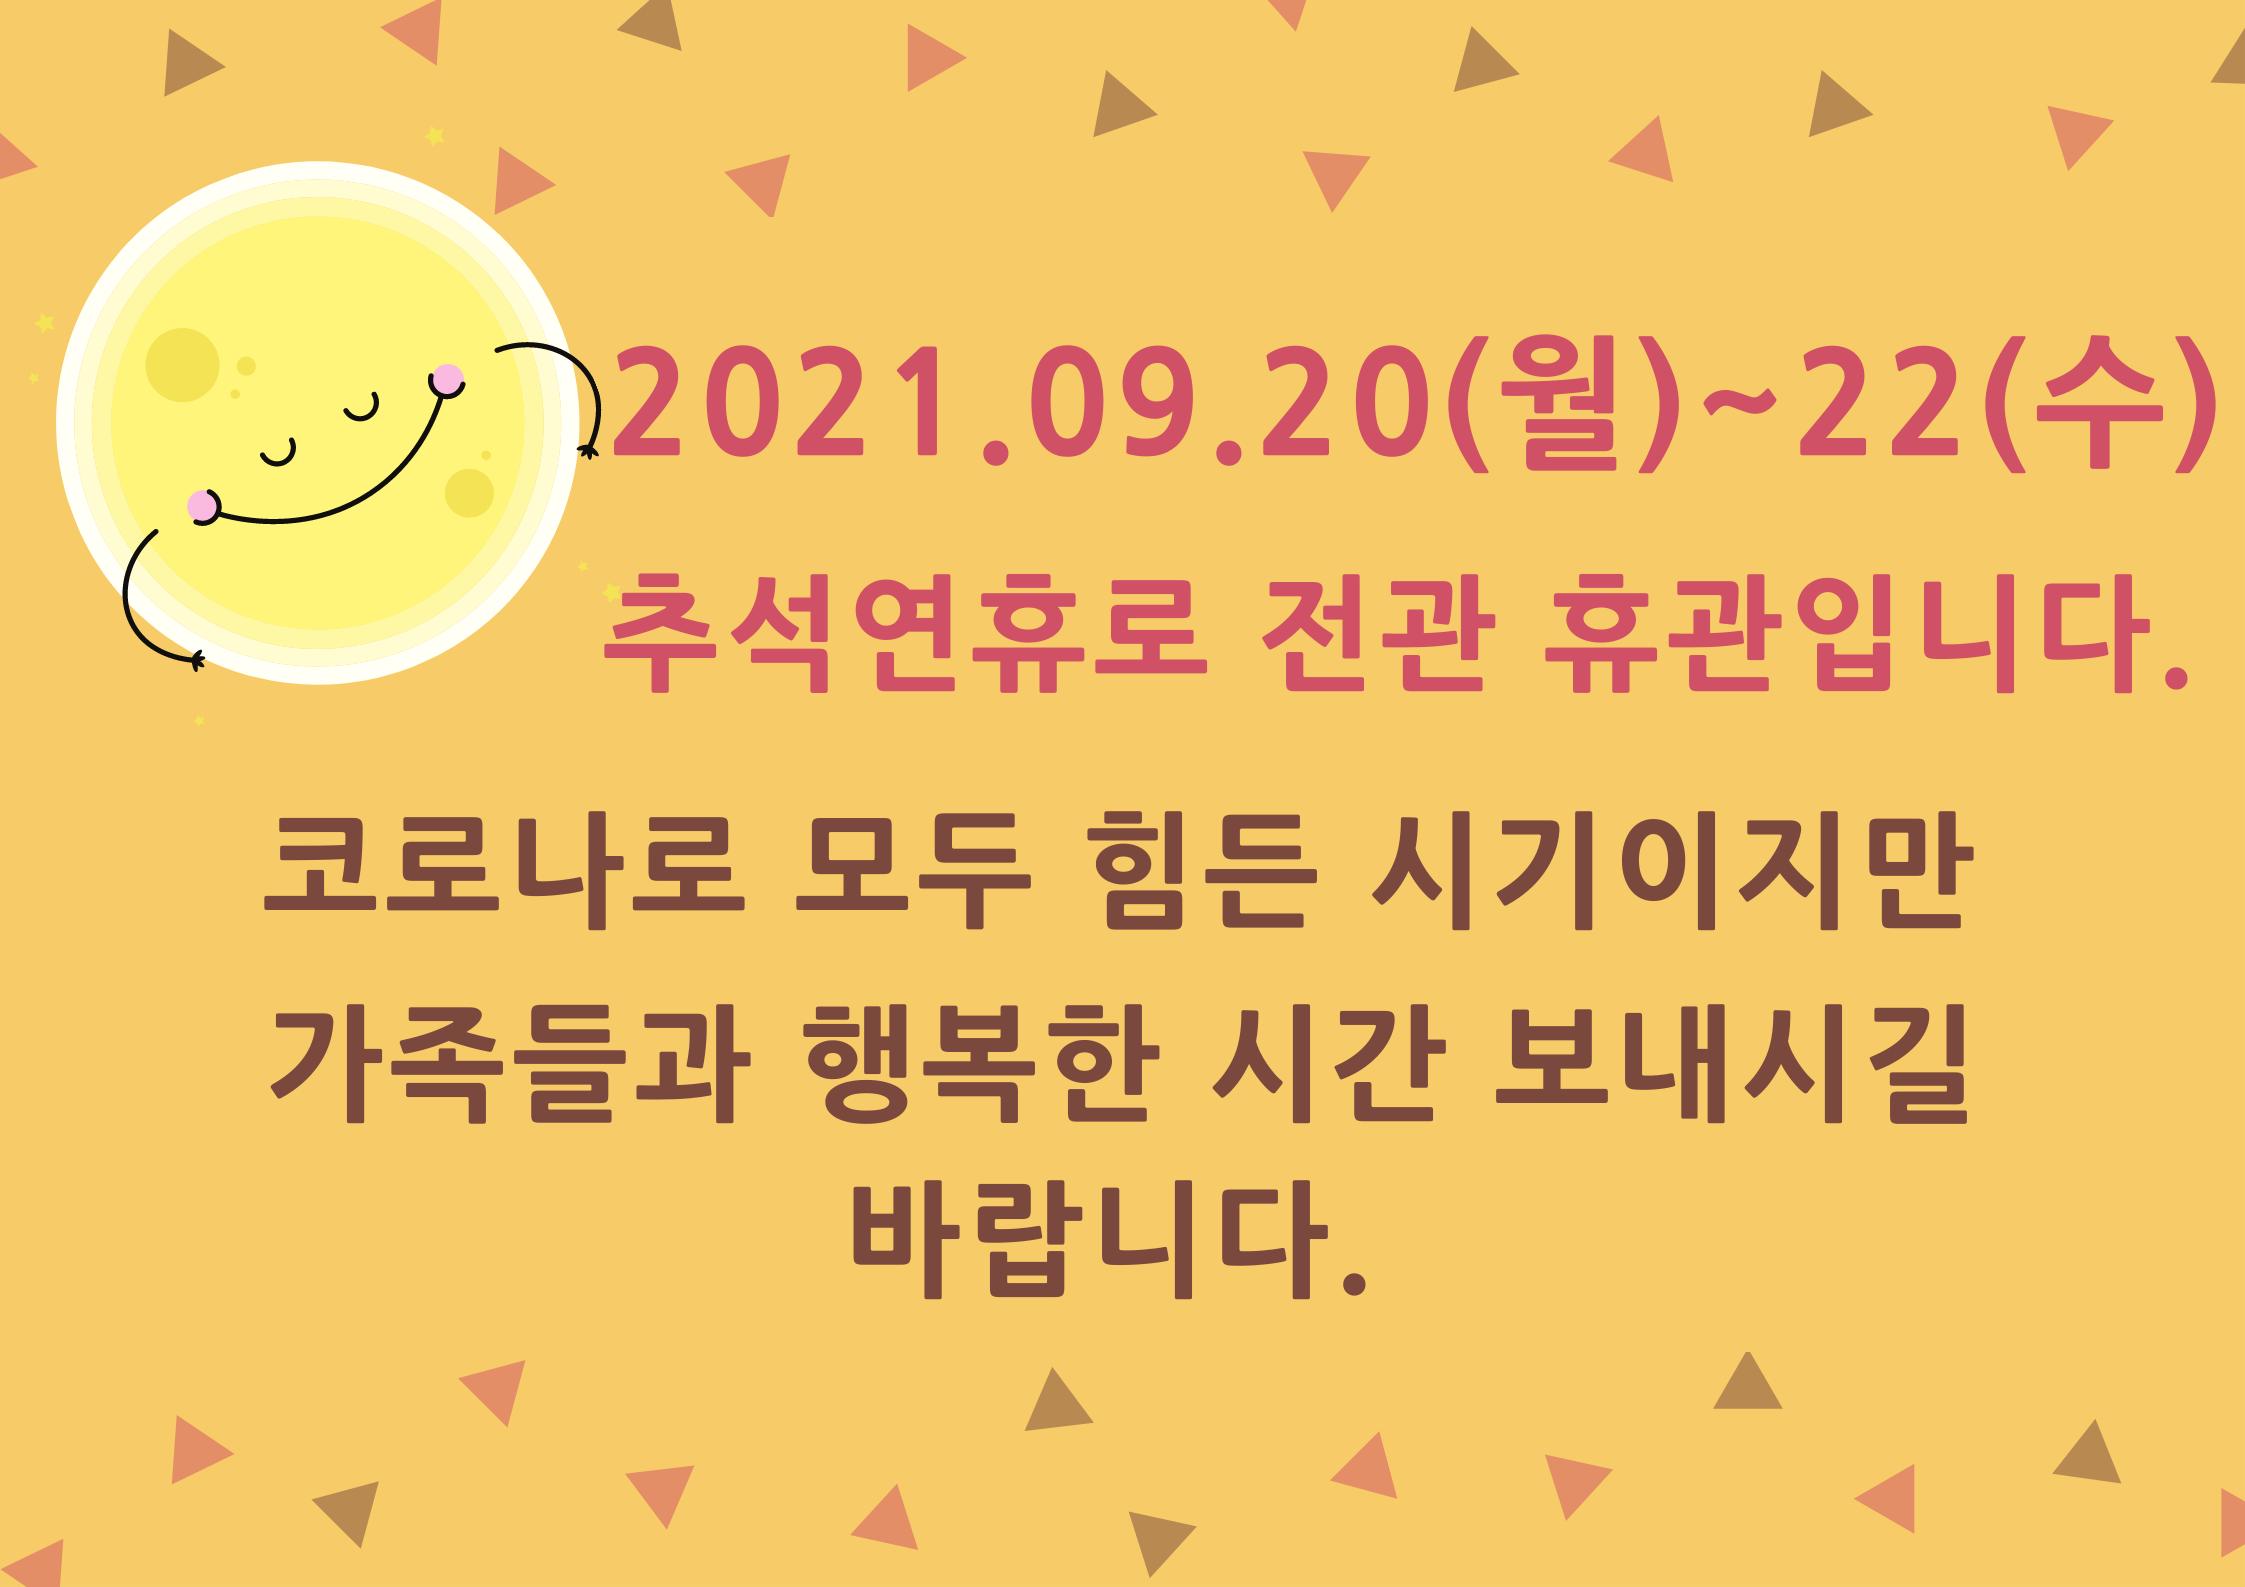 2021.09.19(일)_22(수)은 추석연휴로 전관 휴관입니다. (1).png